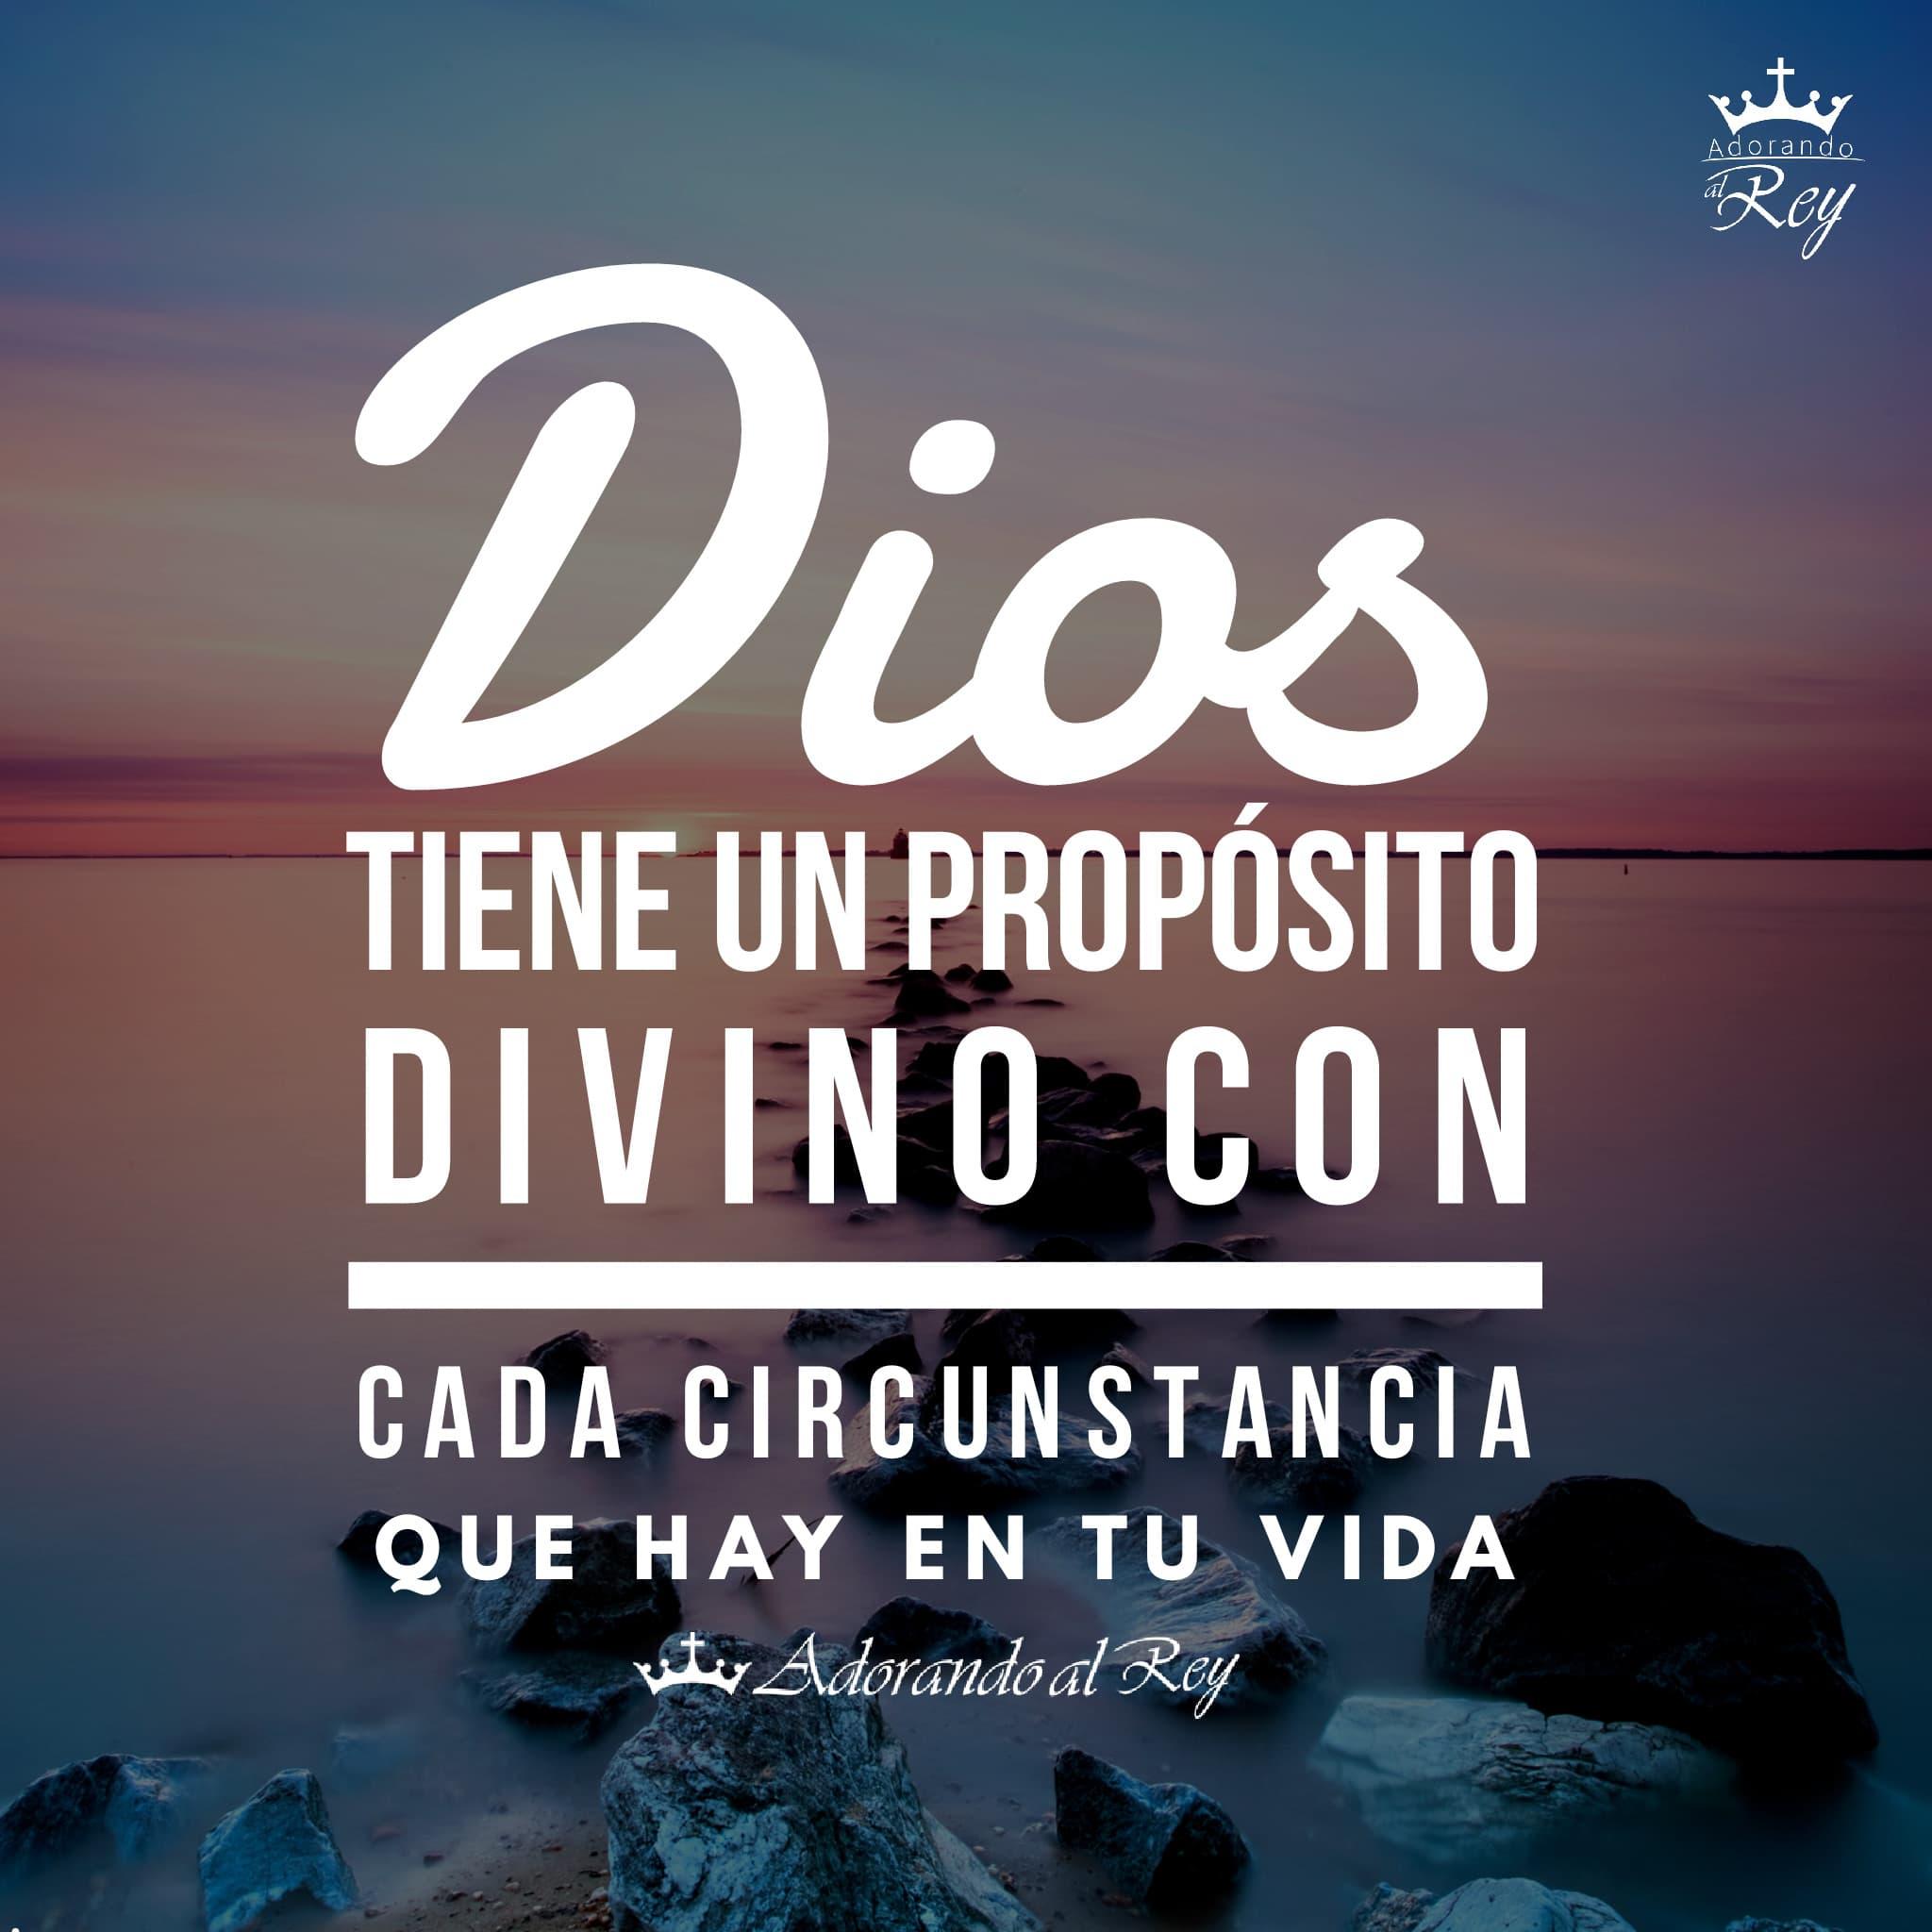 Dios tiene un proposito